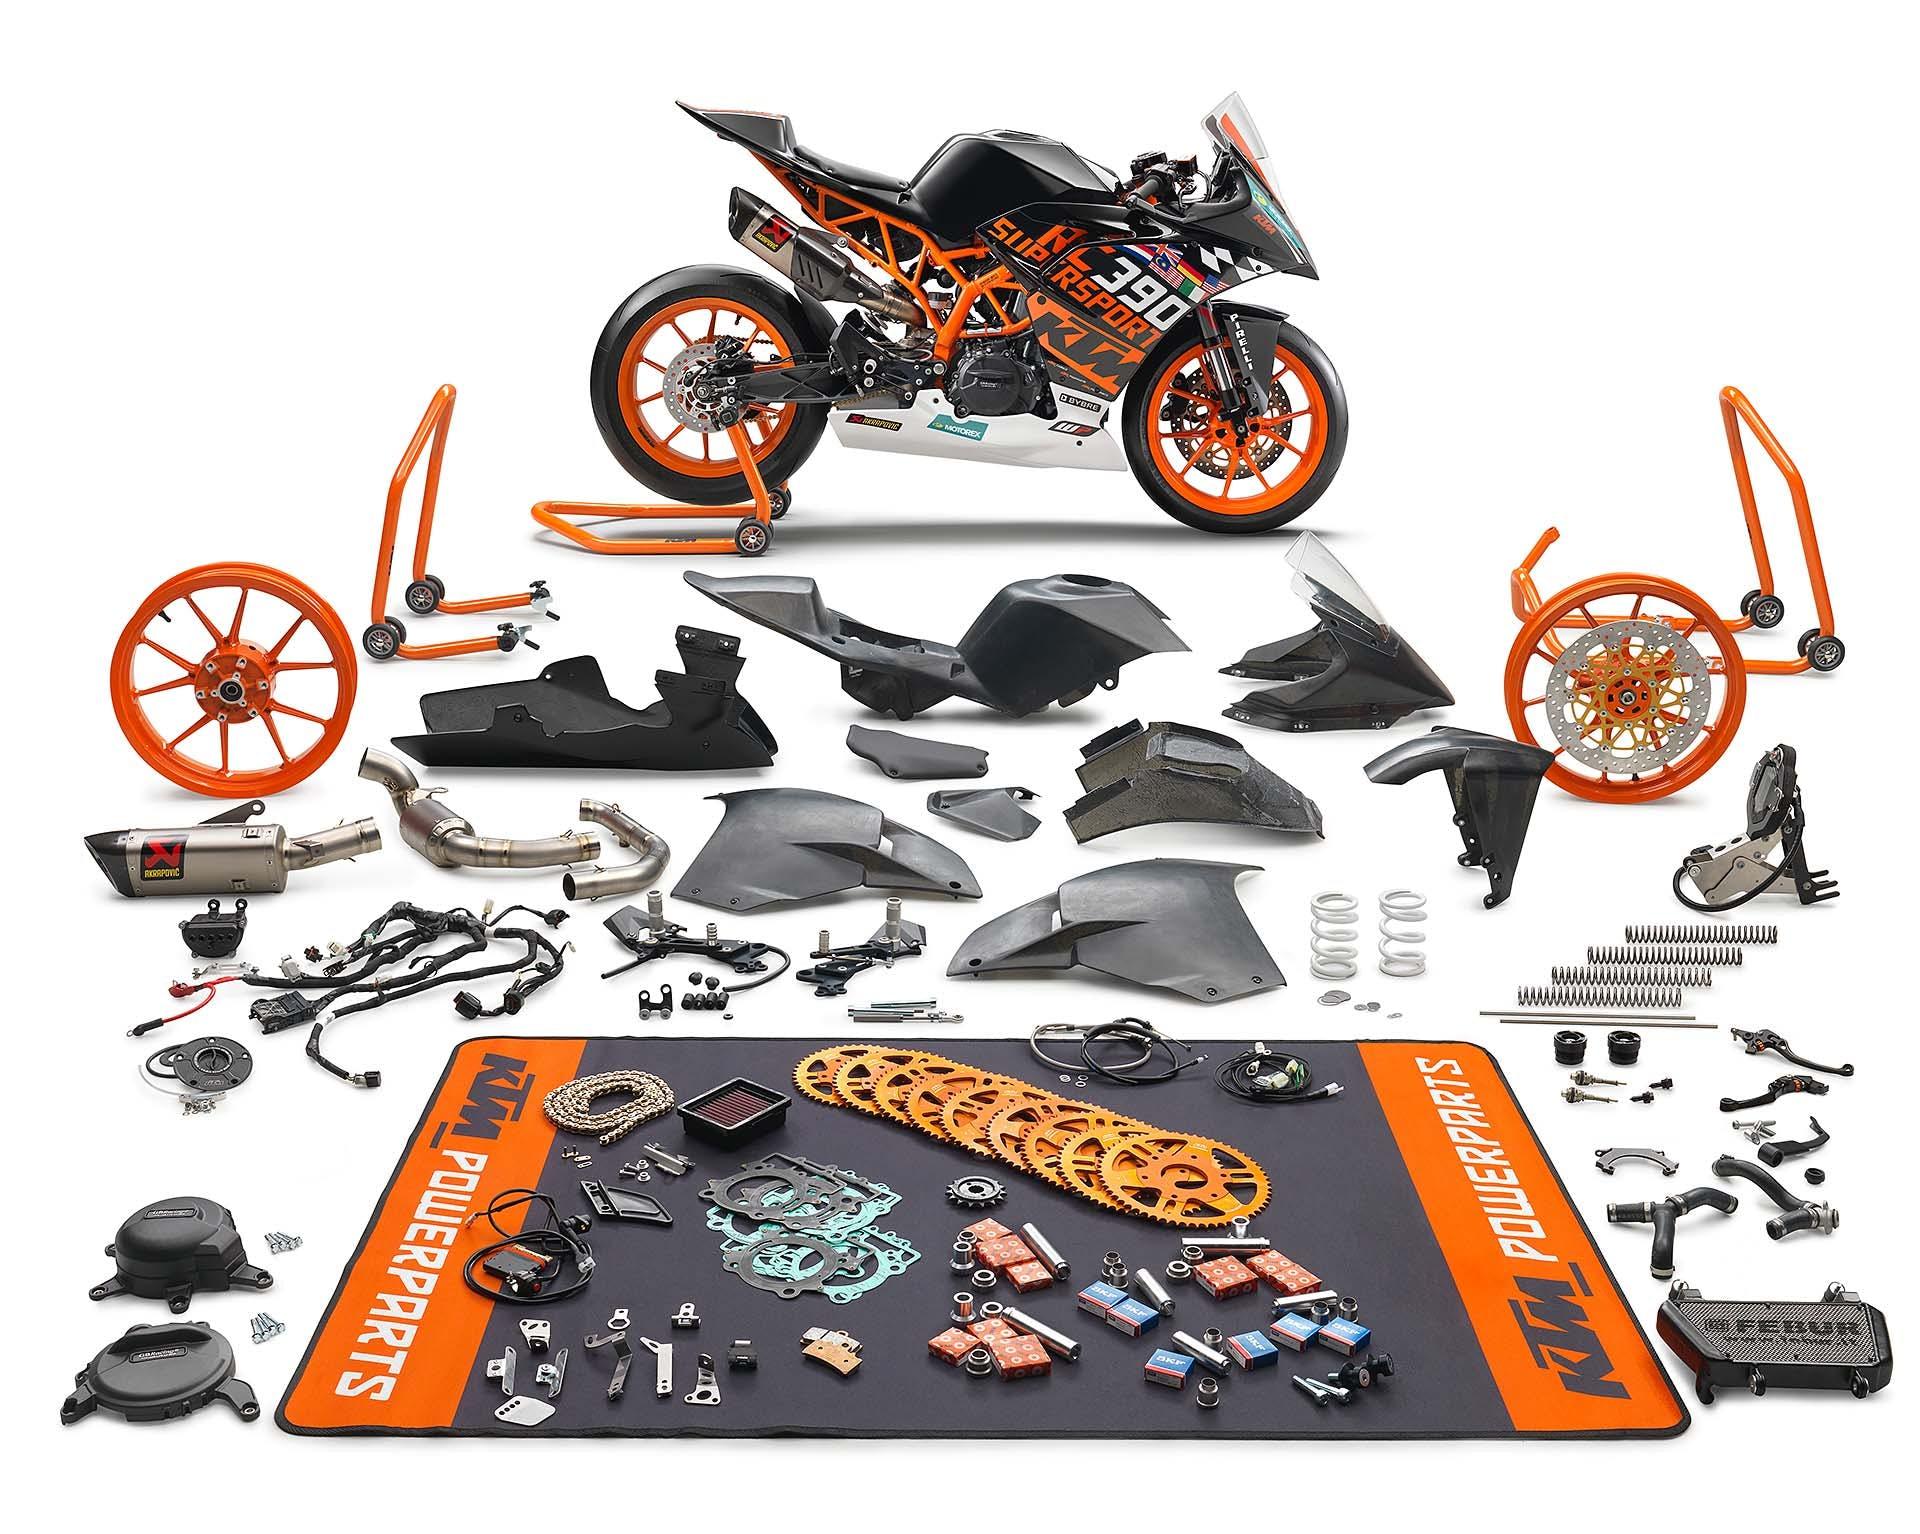 KTM RC 390 R race kit special parts